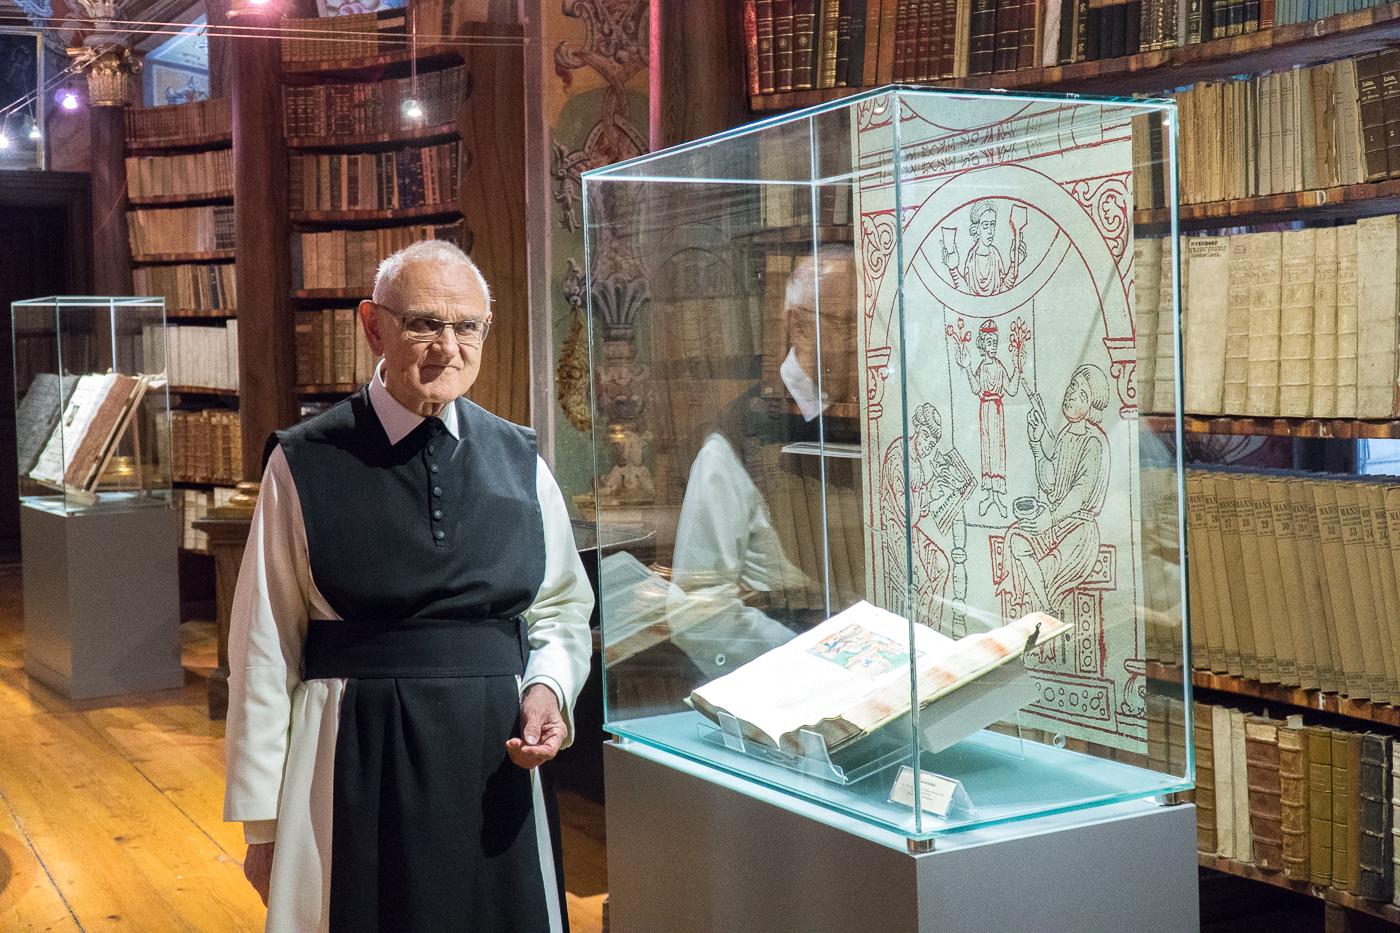 Père August Janisch dans la bibliothèque